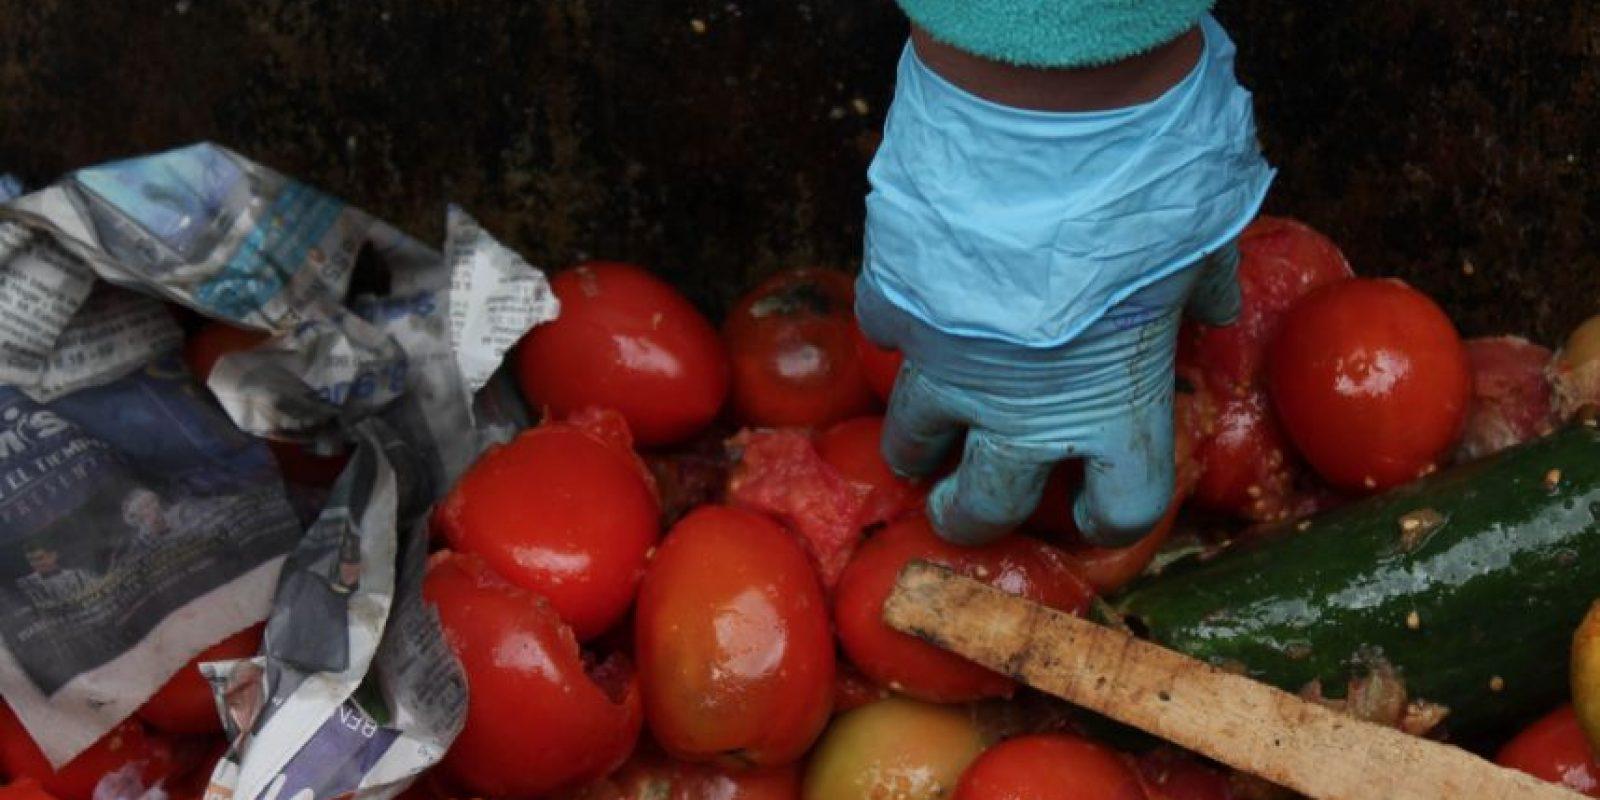 Los tomates son los que más abundan en la central de abasto. Foto:Sofía Toscano-Publimetro